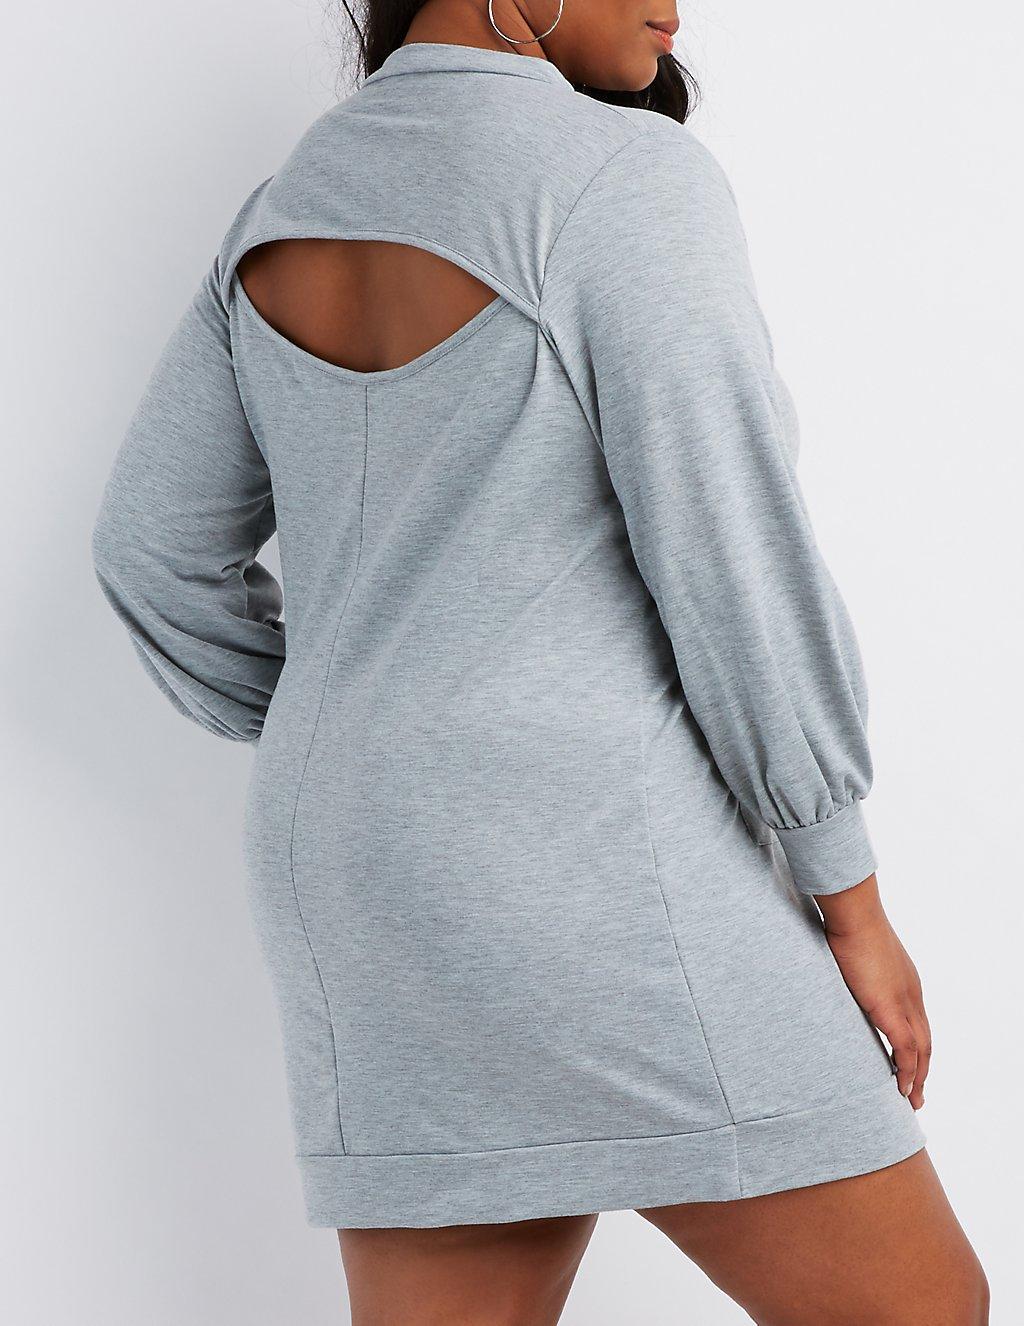 Plus Size Open-Back Sweatshirt Dress | Charlotte Russe